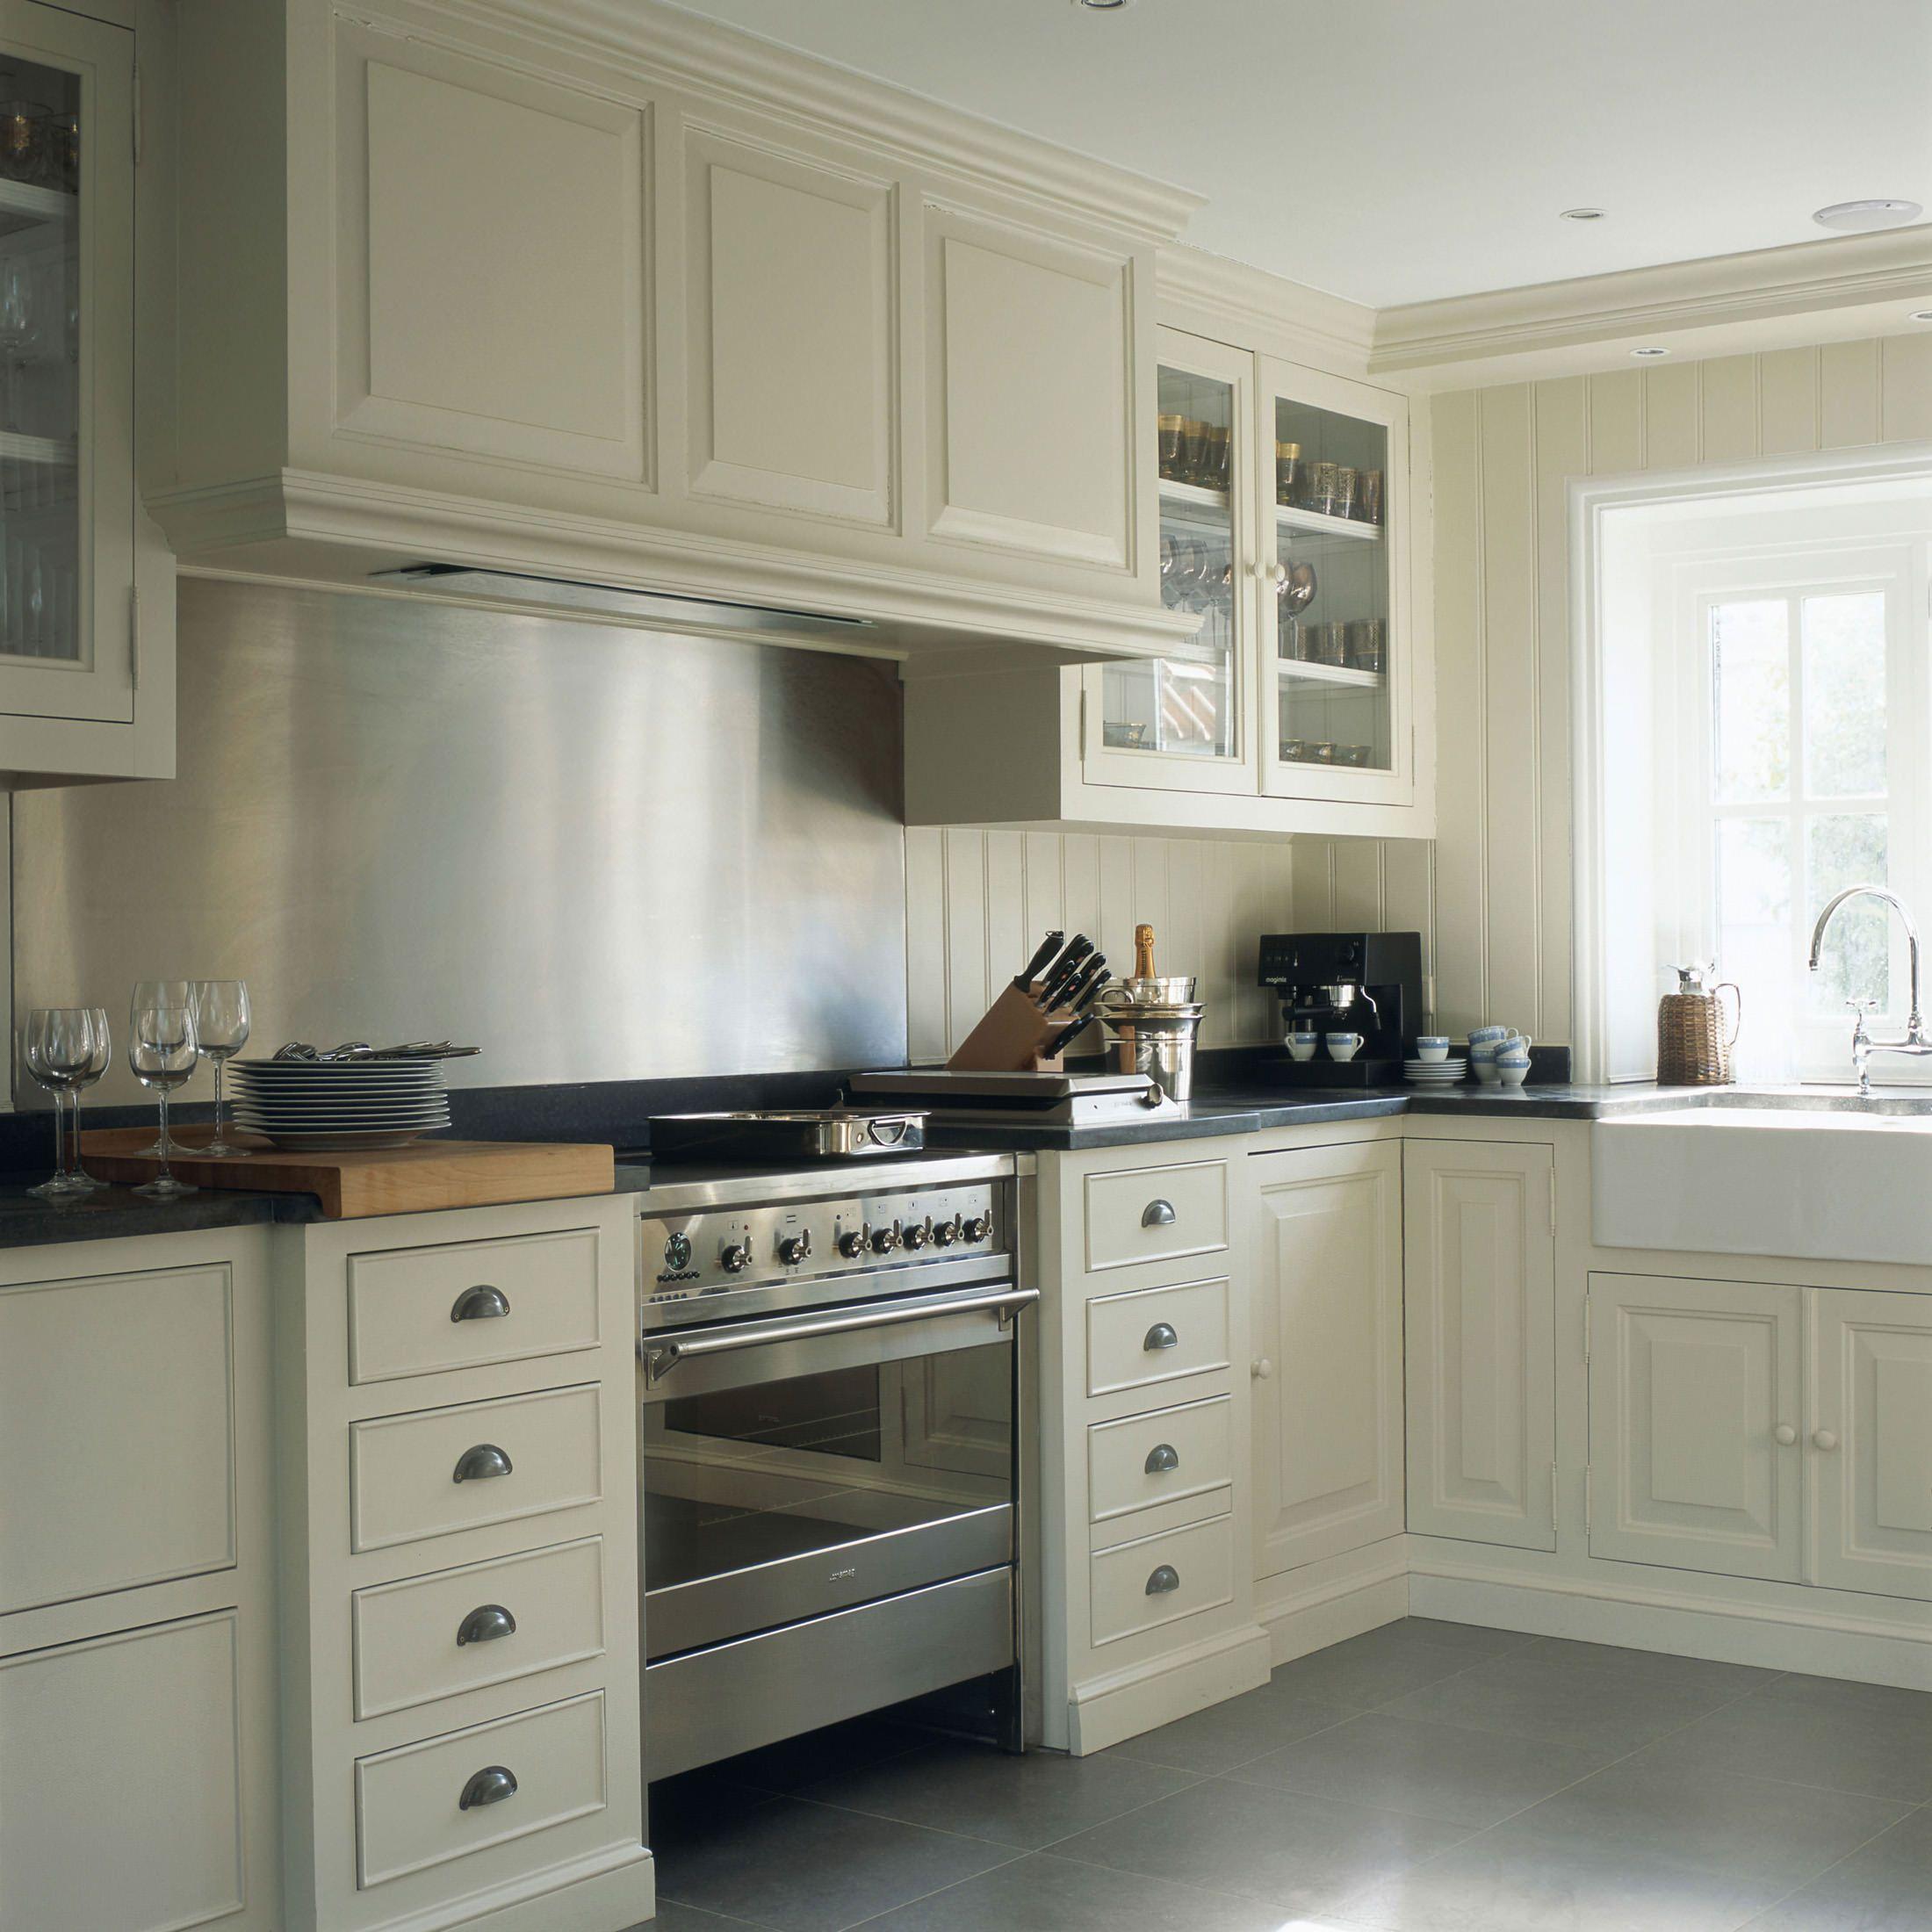 Baden Baden Cuisine Prix zoute» kitchen | mobilier de salon, amenagement cuisine